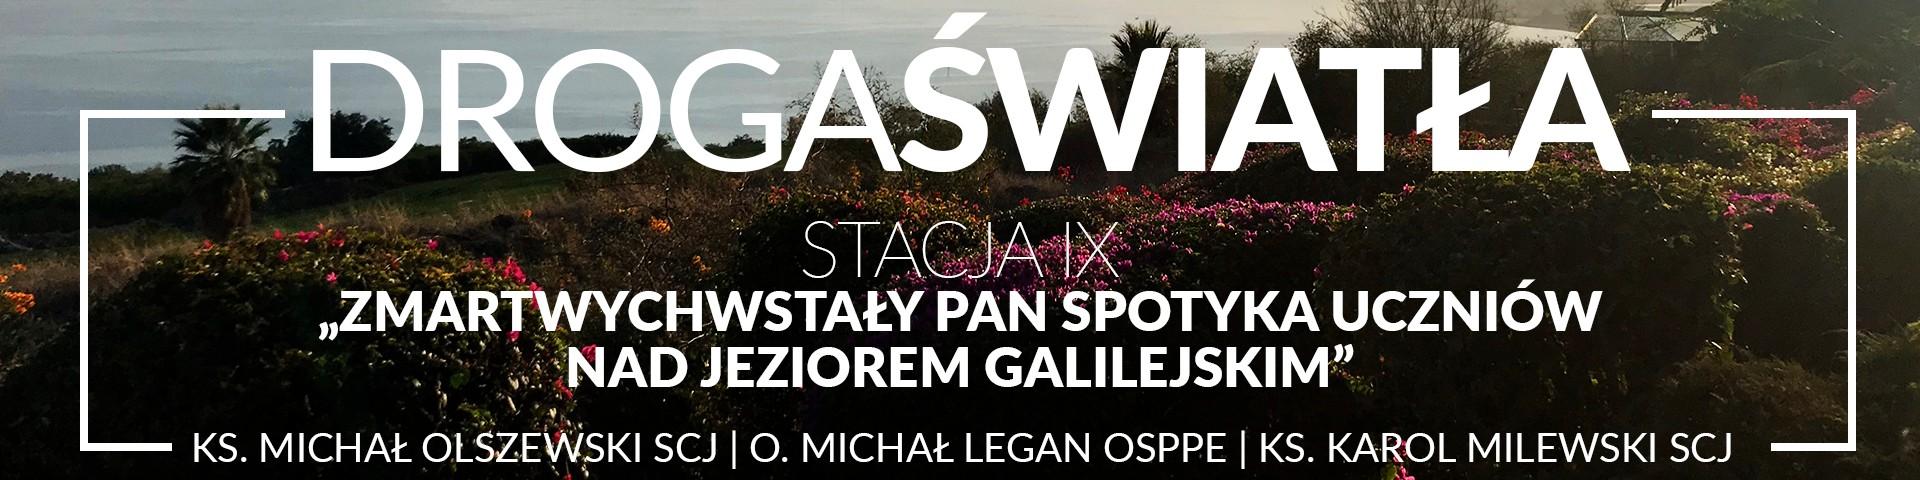 Droga Światła - Stacja IX: Zmartwychwstały Pan spotyka uczniów nad Jeziorem Galilejskim - O. Michał Legan OSPPE (video)